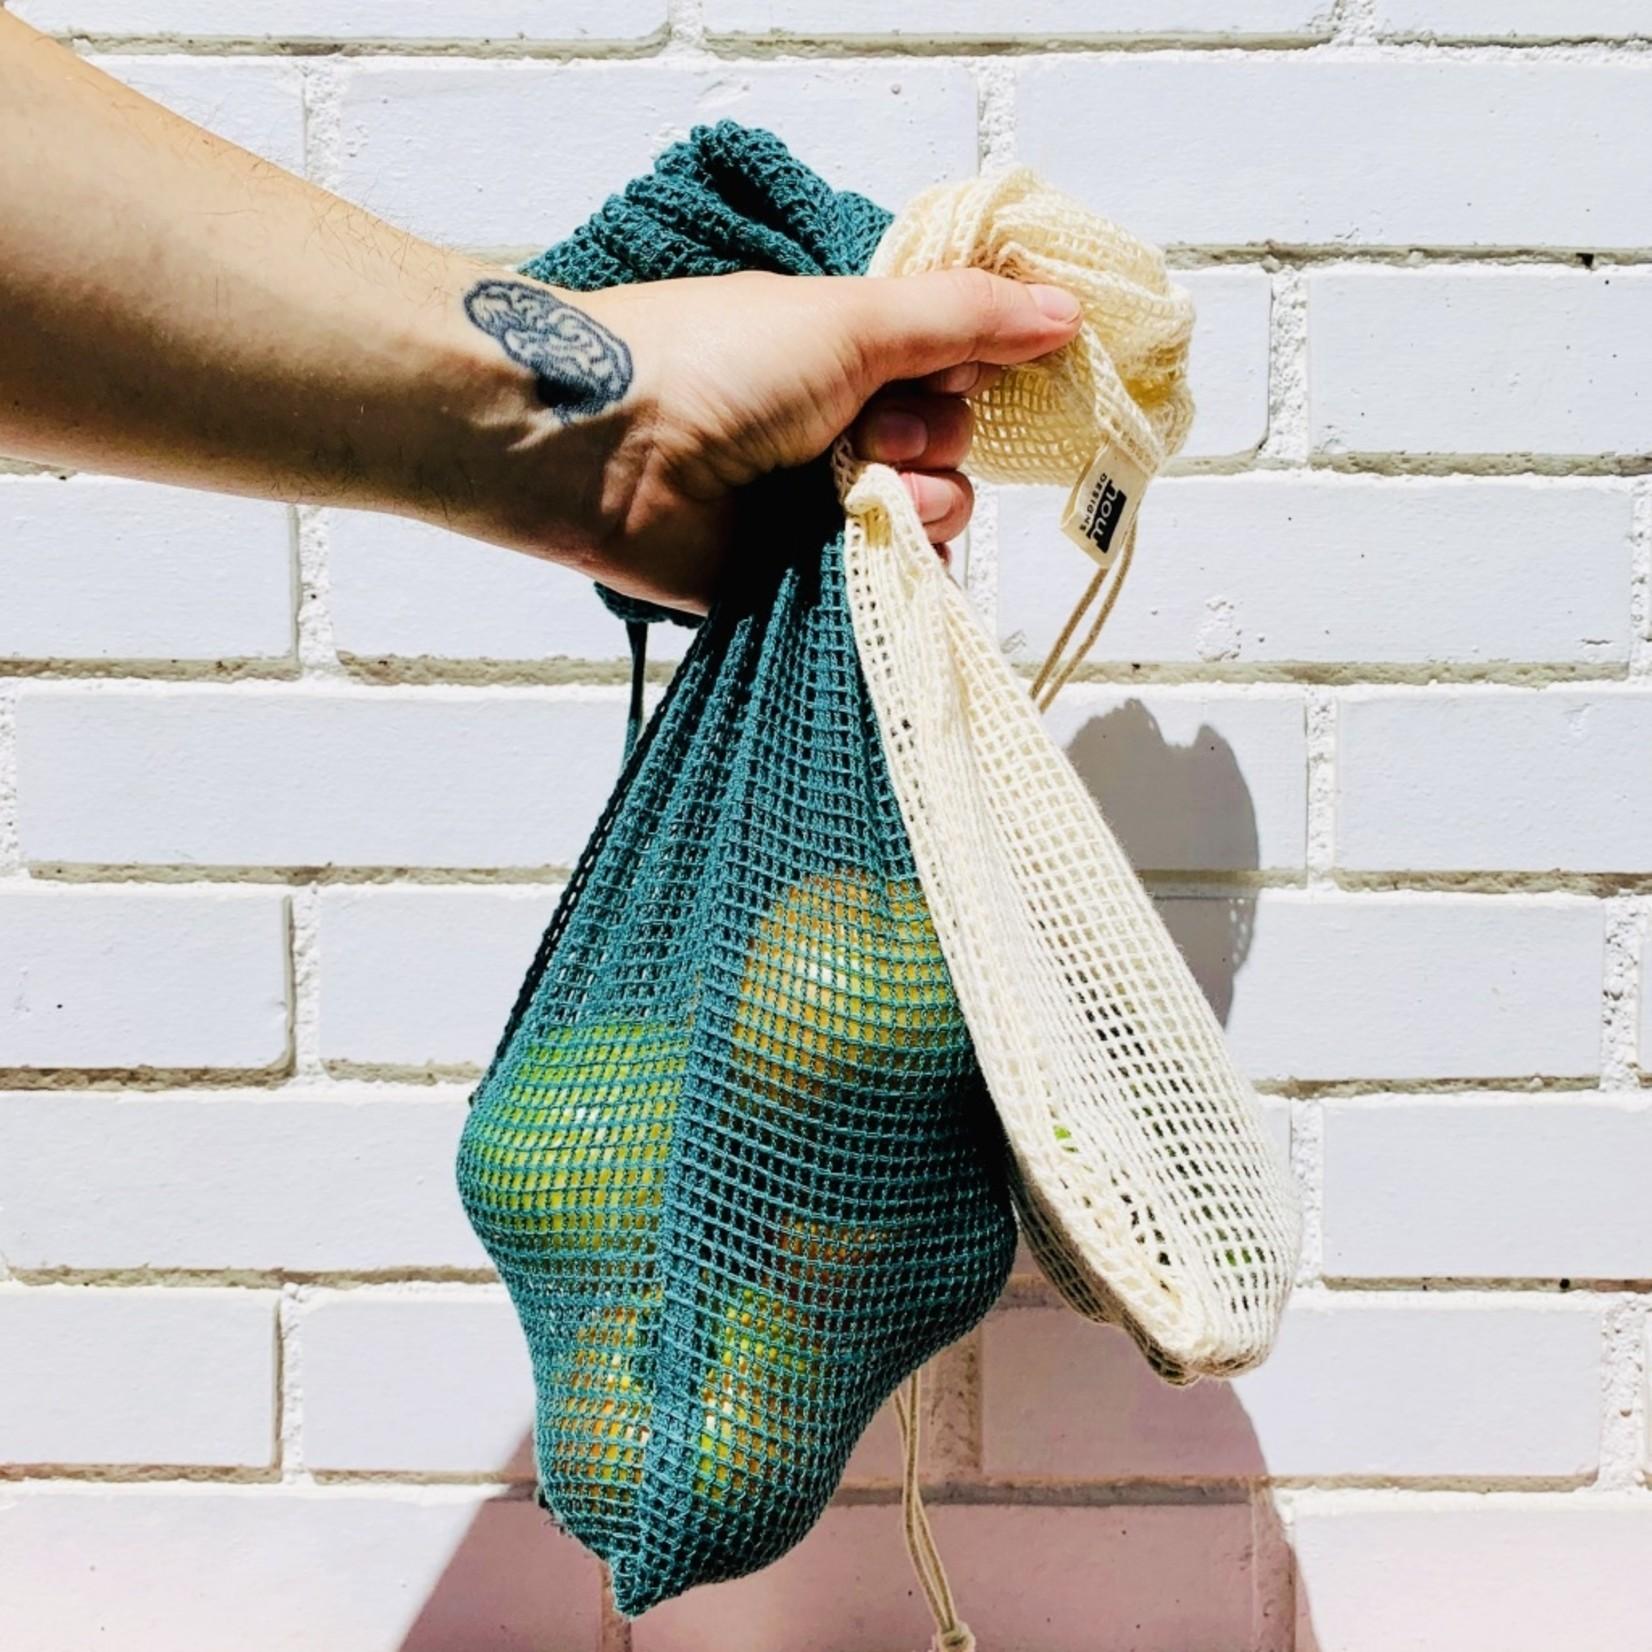 Le Marche Produce Bags